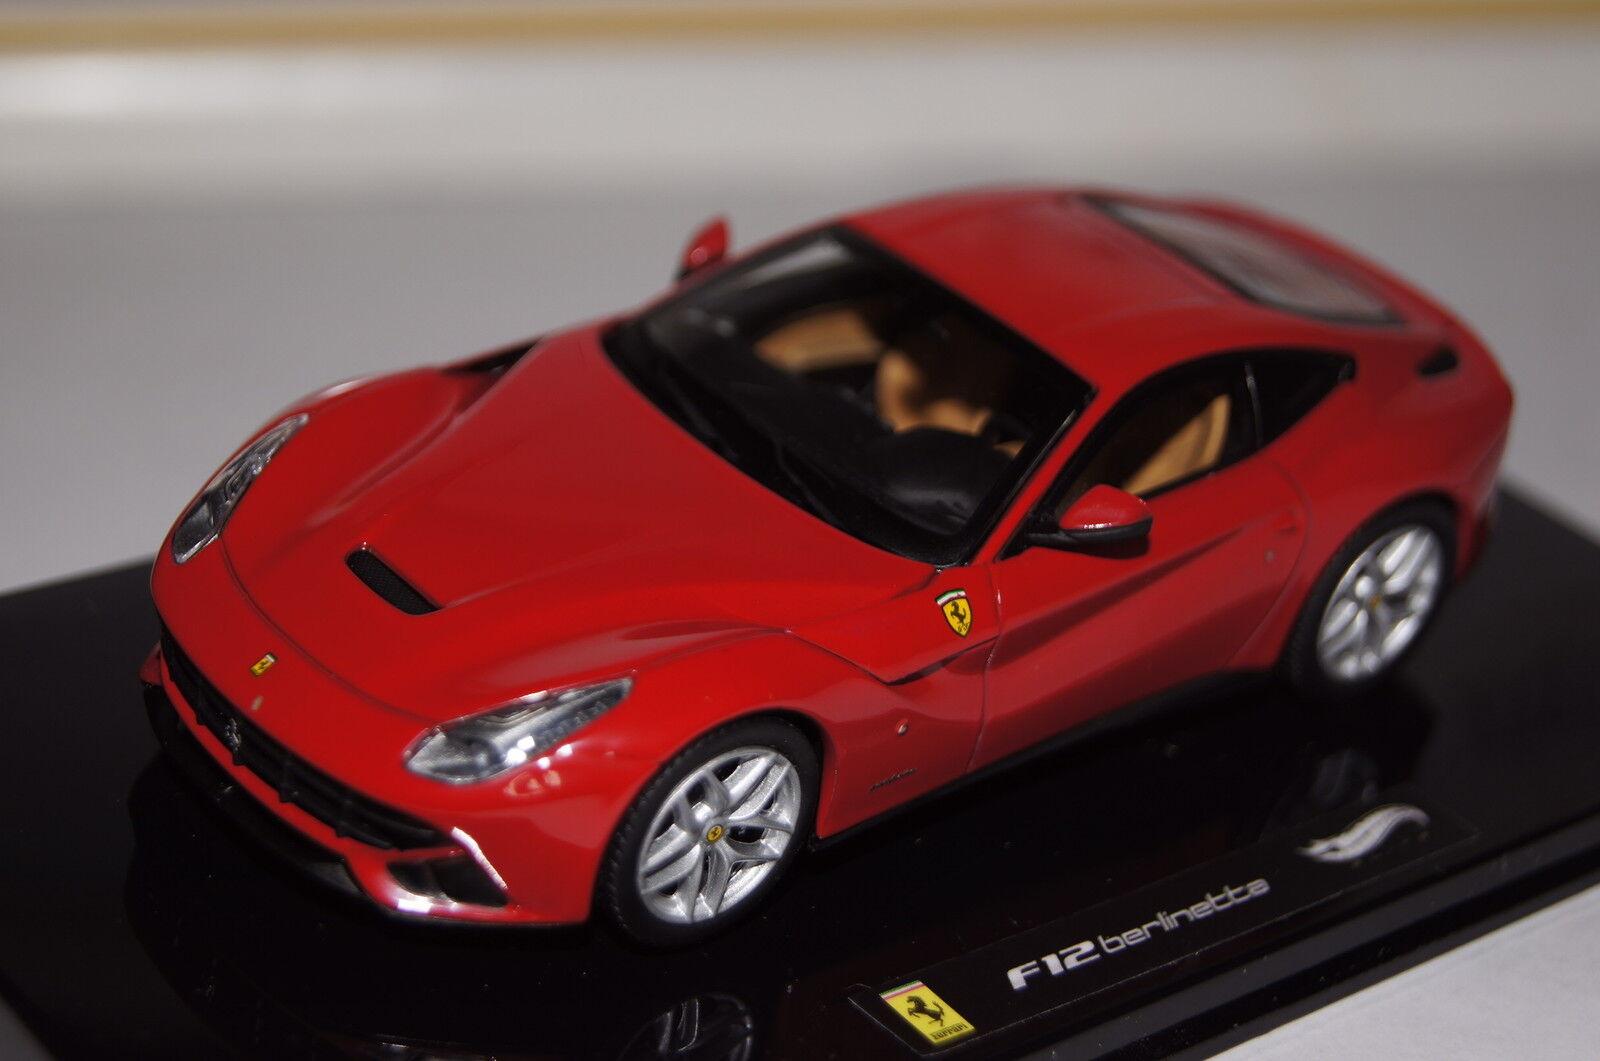 tienda en linea Ferrari f12 rojo 1 43 Hot Wheels nuevo nuevo nuevo & OVP  nueva gama alta exclusiva